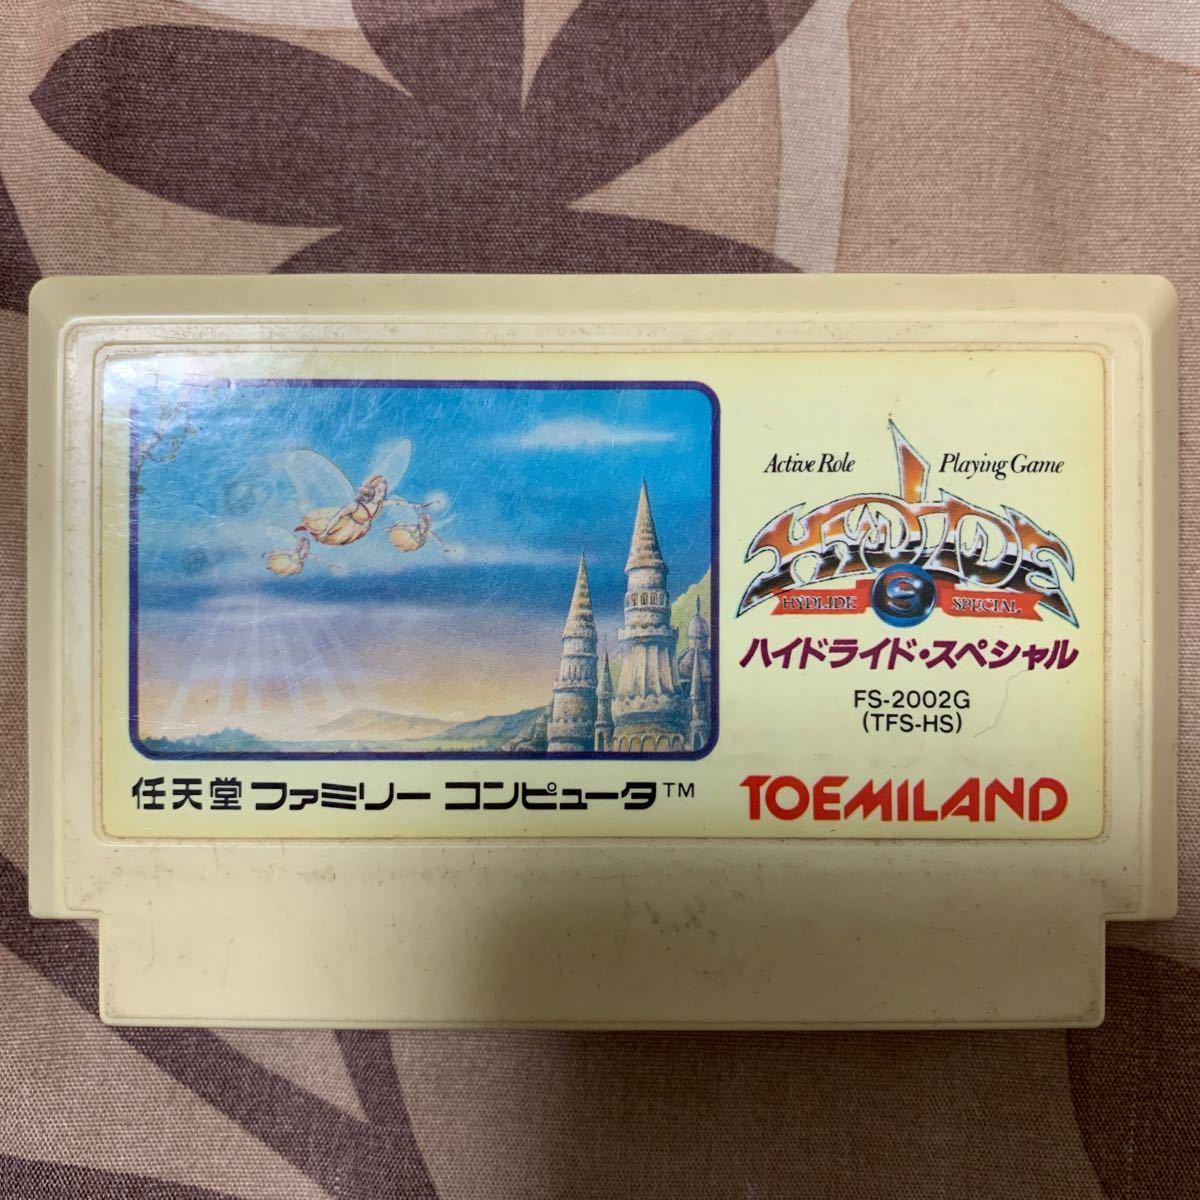 ハイドライド・スペシャル( ファミコンソフト)